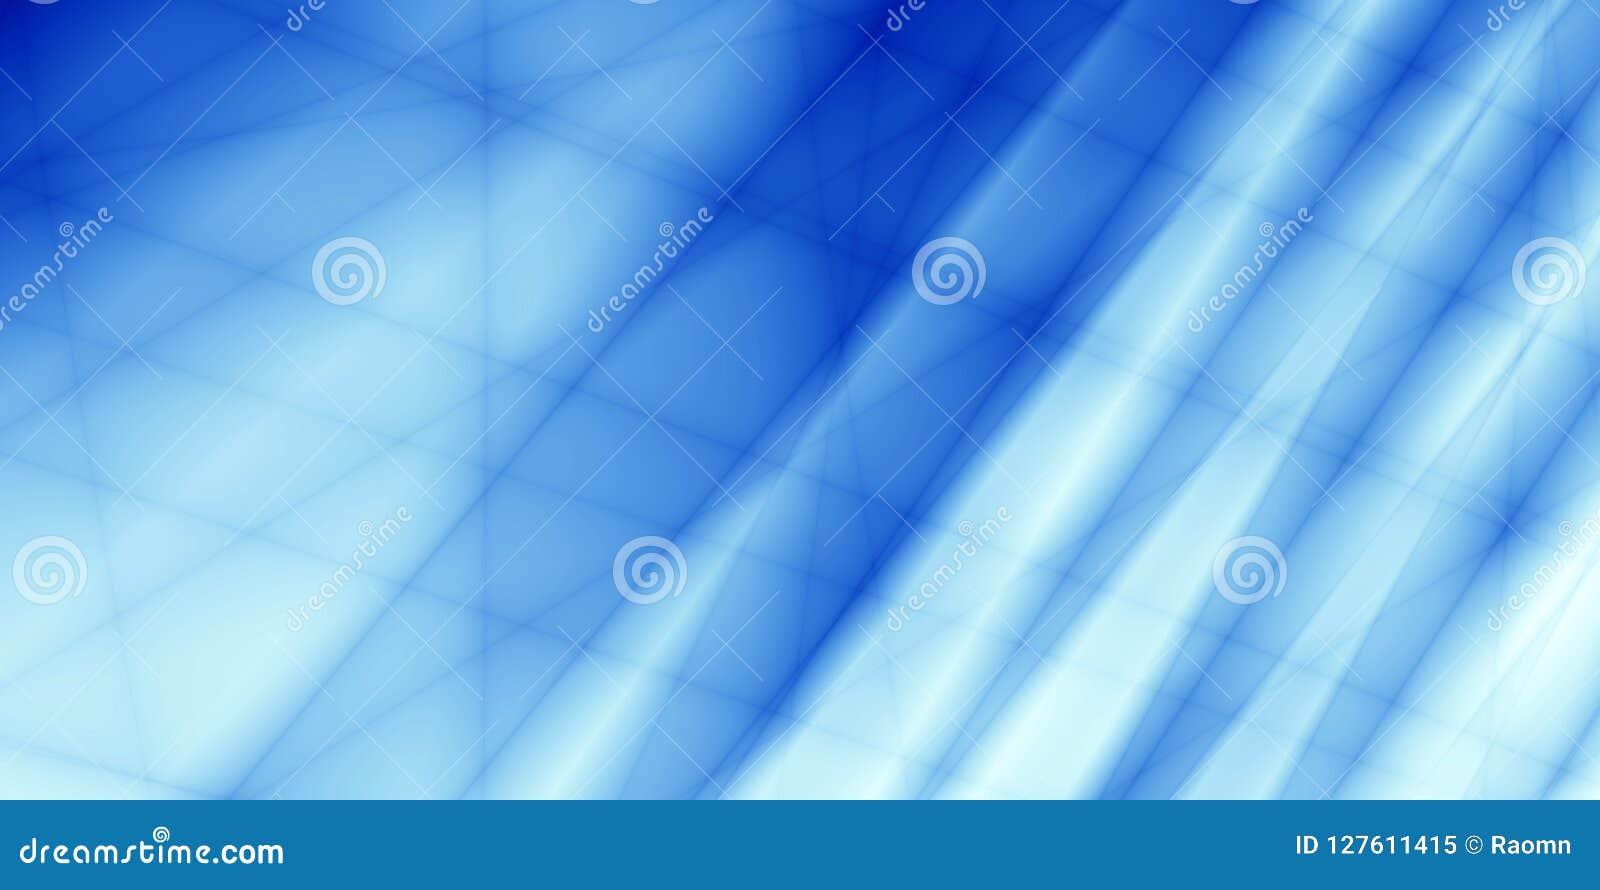 Μπλε σχέδιο οθόνης υποβάθρου ευρύ